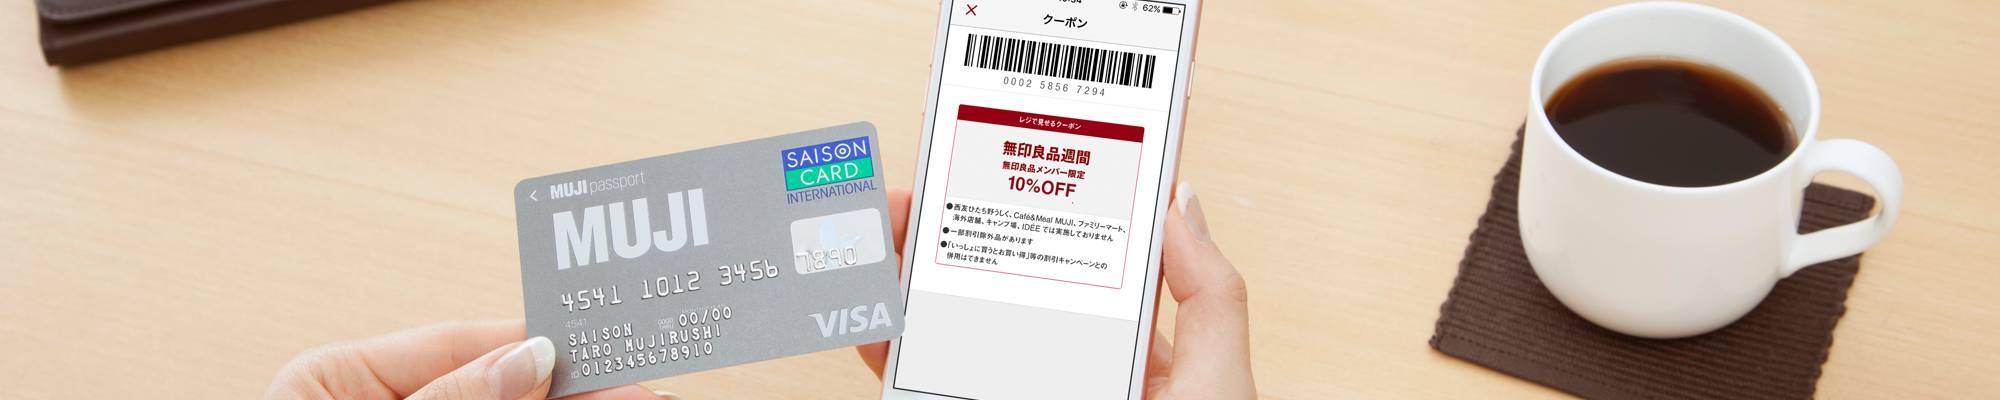 無印良品をよく利用する方はMUJIカードがおすすめ。お得にカードを作る方法について解説